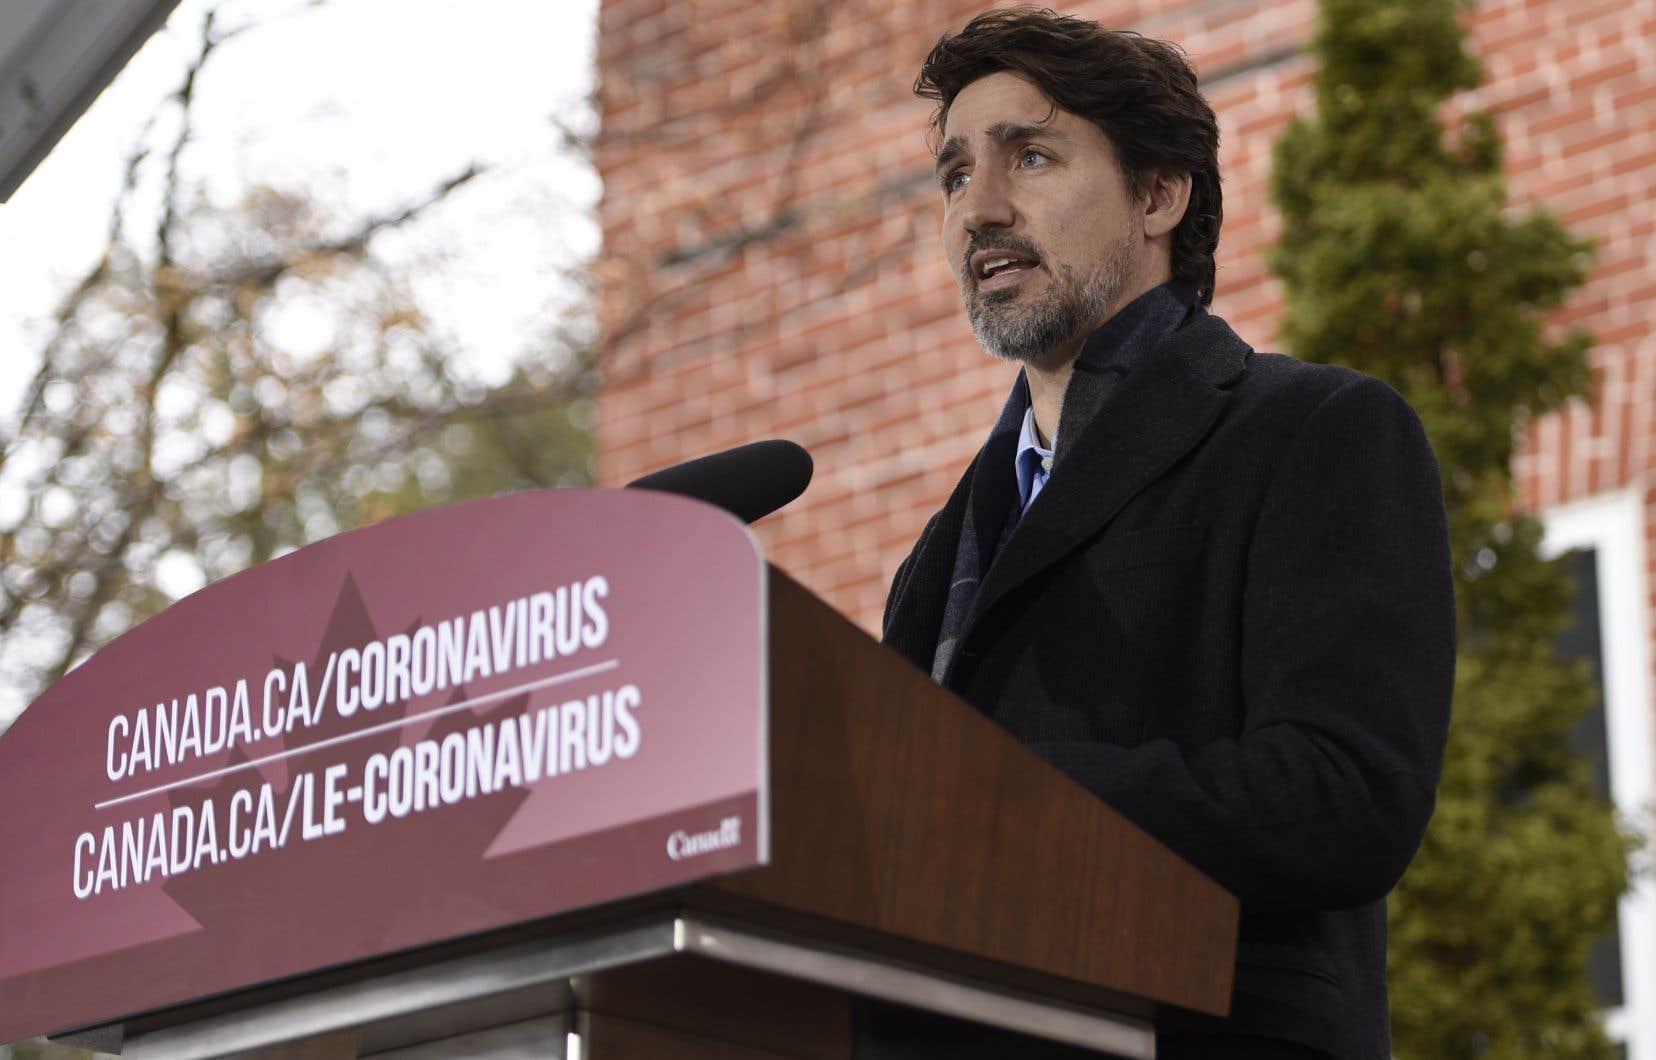 Le premier ministre Justin Trudeau a confirmé que le premier versement de la PCU sera versé en 3 à 5 jours.